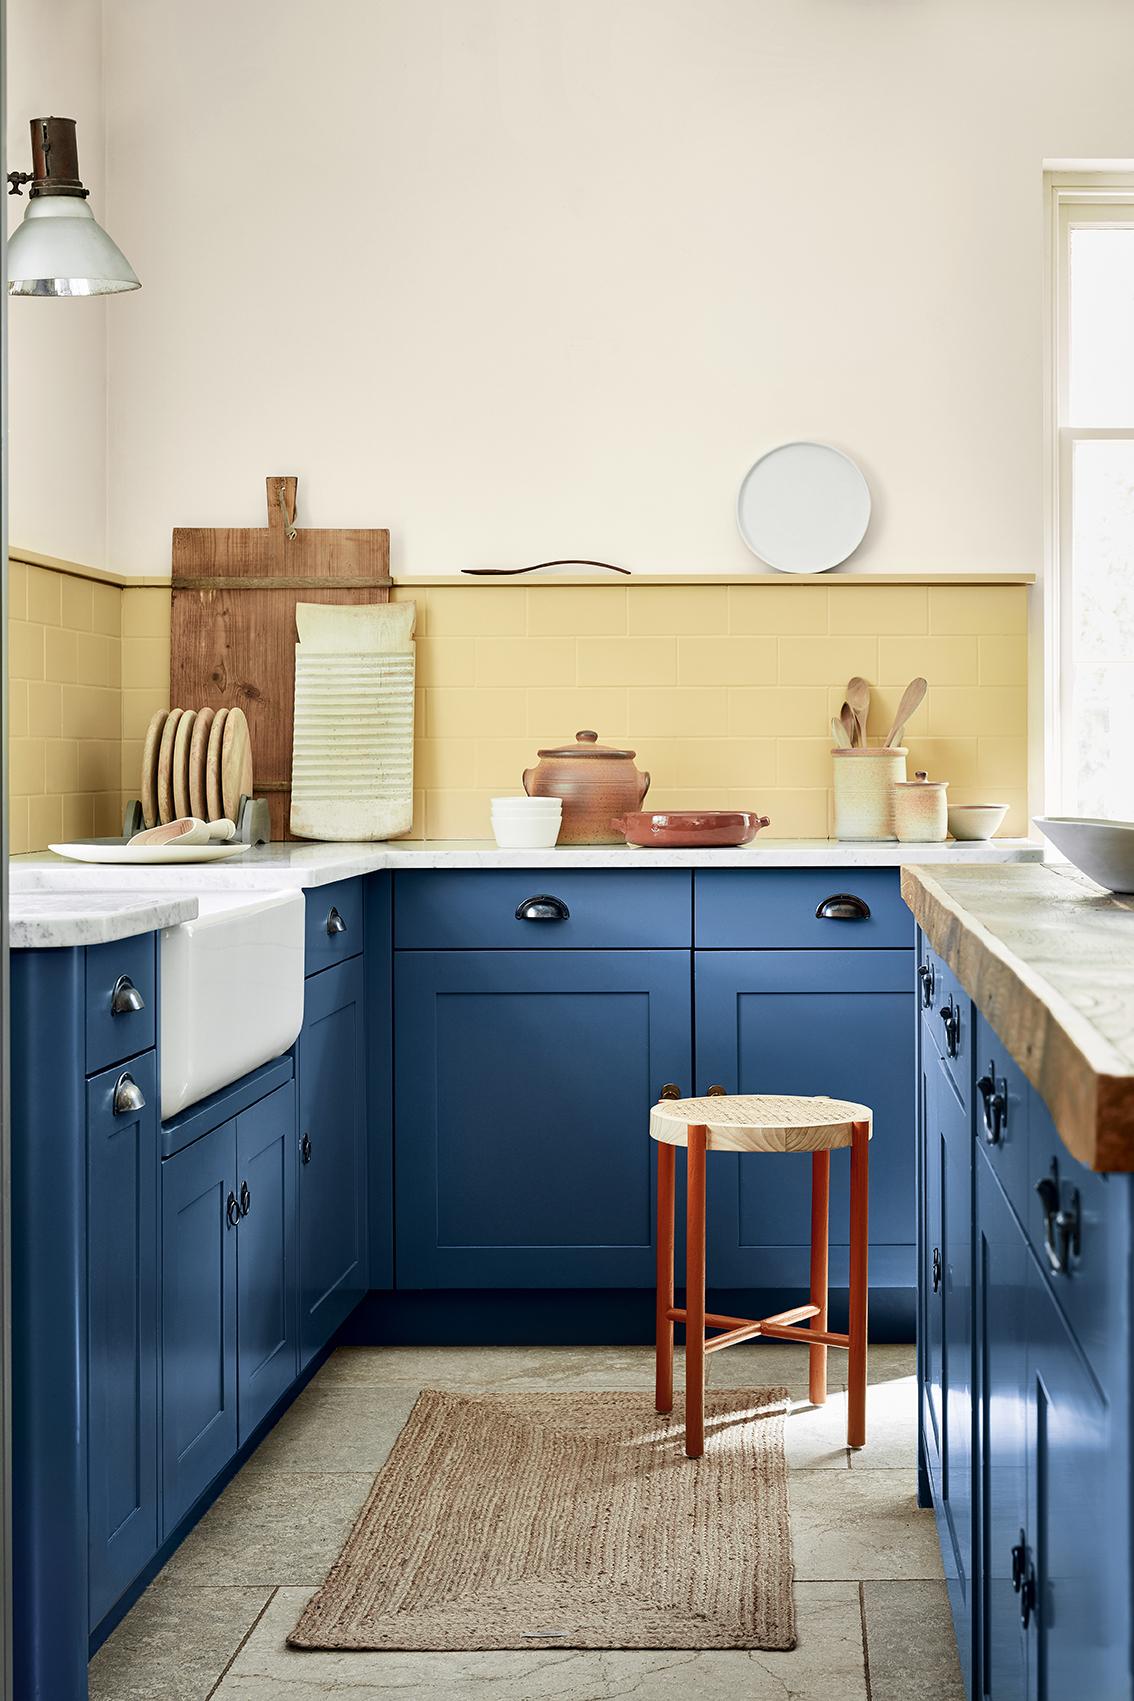 Full Size of Küchen Tapeten Abwaschbar Schlafzimmer Fototapeten Wohnzimmer Ideen Regal Für Küche Die Wohnzimmer Küchen Tapeten Abwaschbar